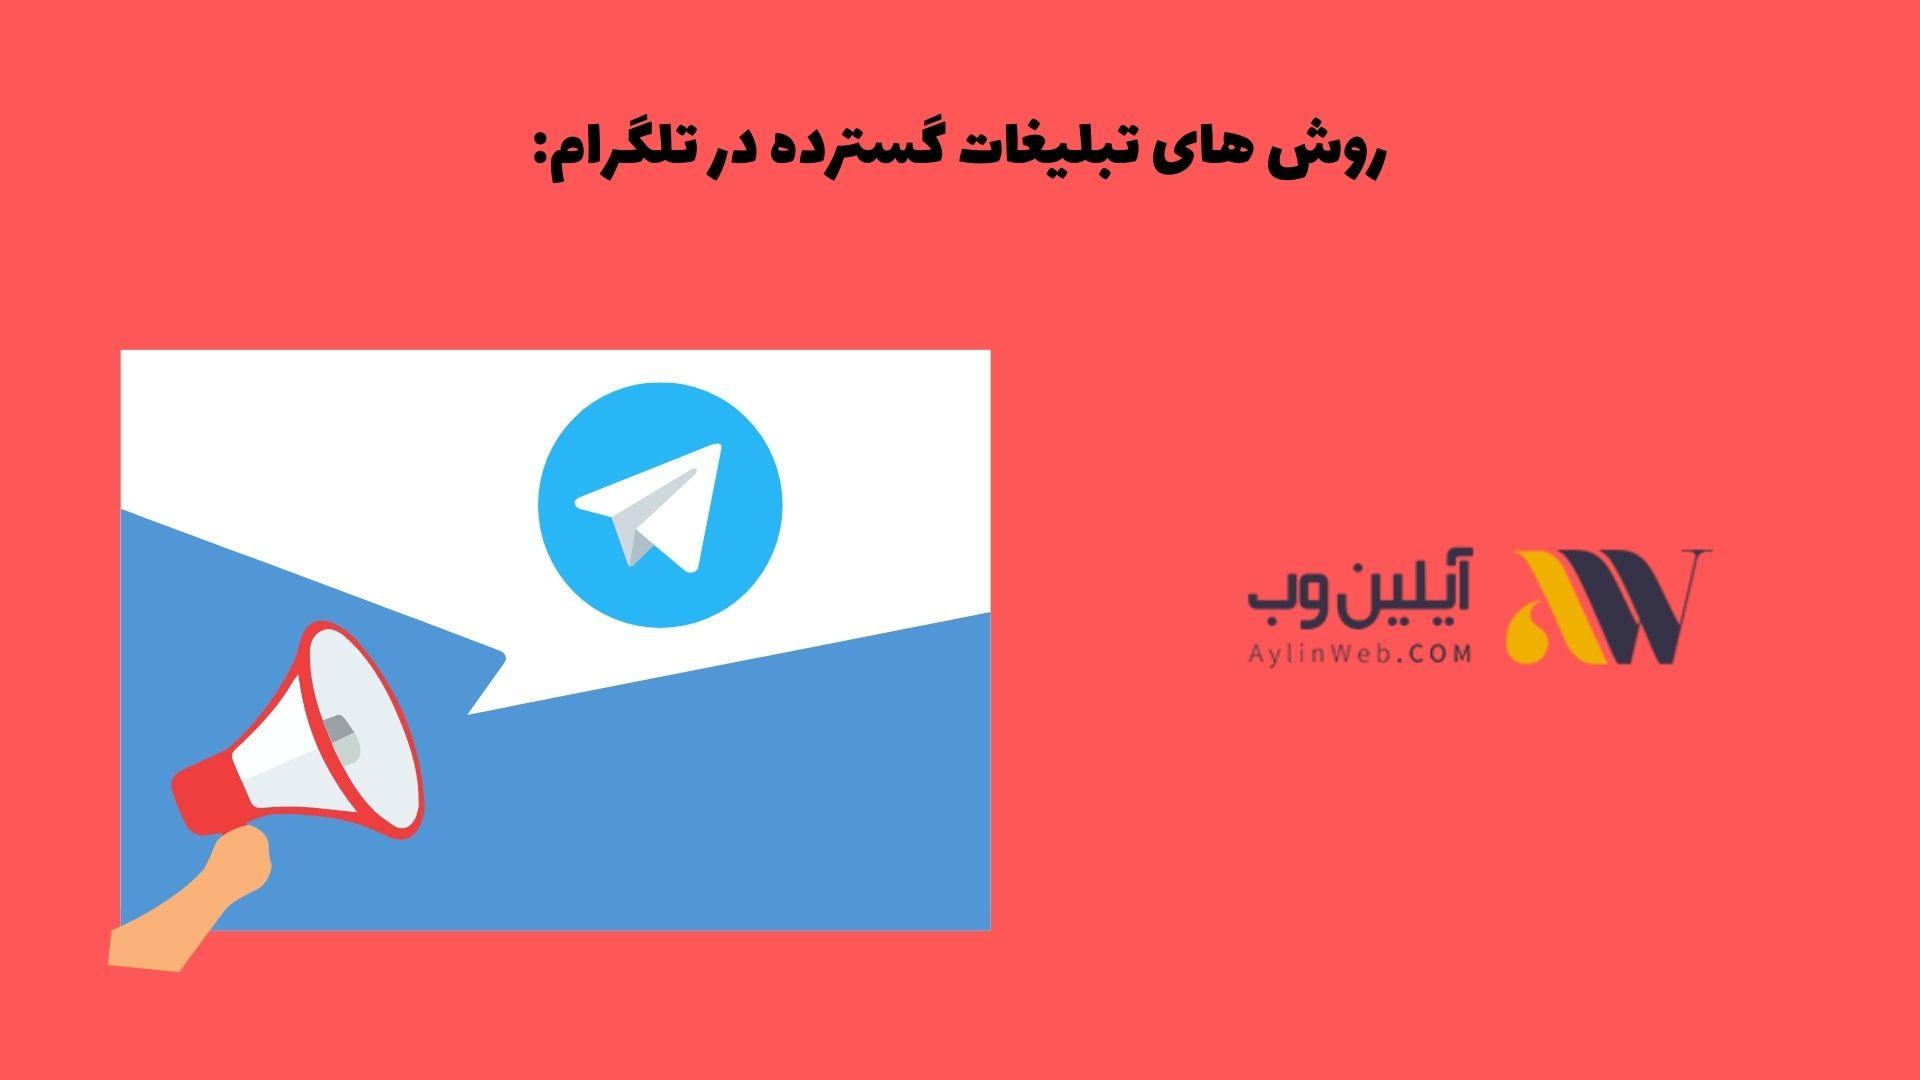 روش های تبلیغات گسترده در تلگرام: